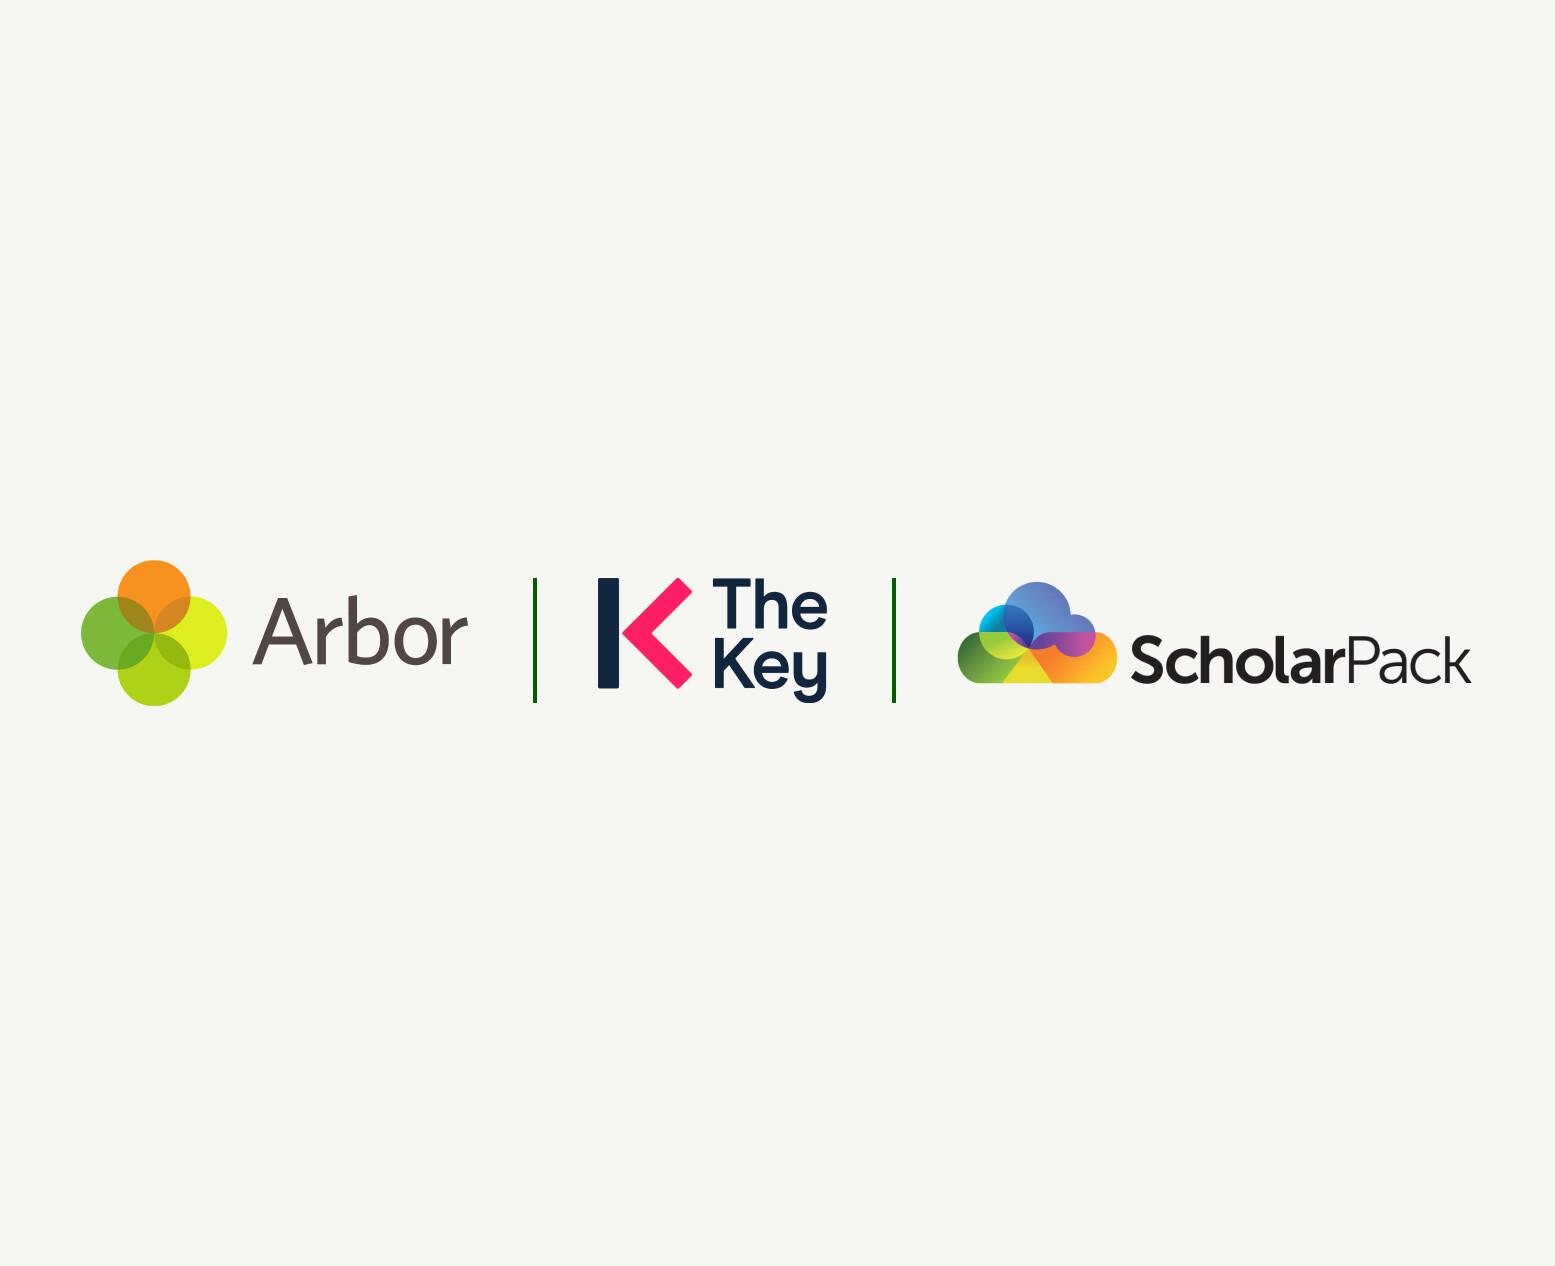 arbor-key-scholarpack